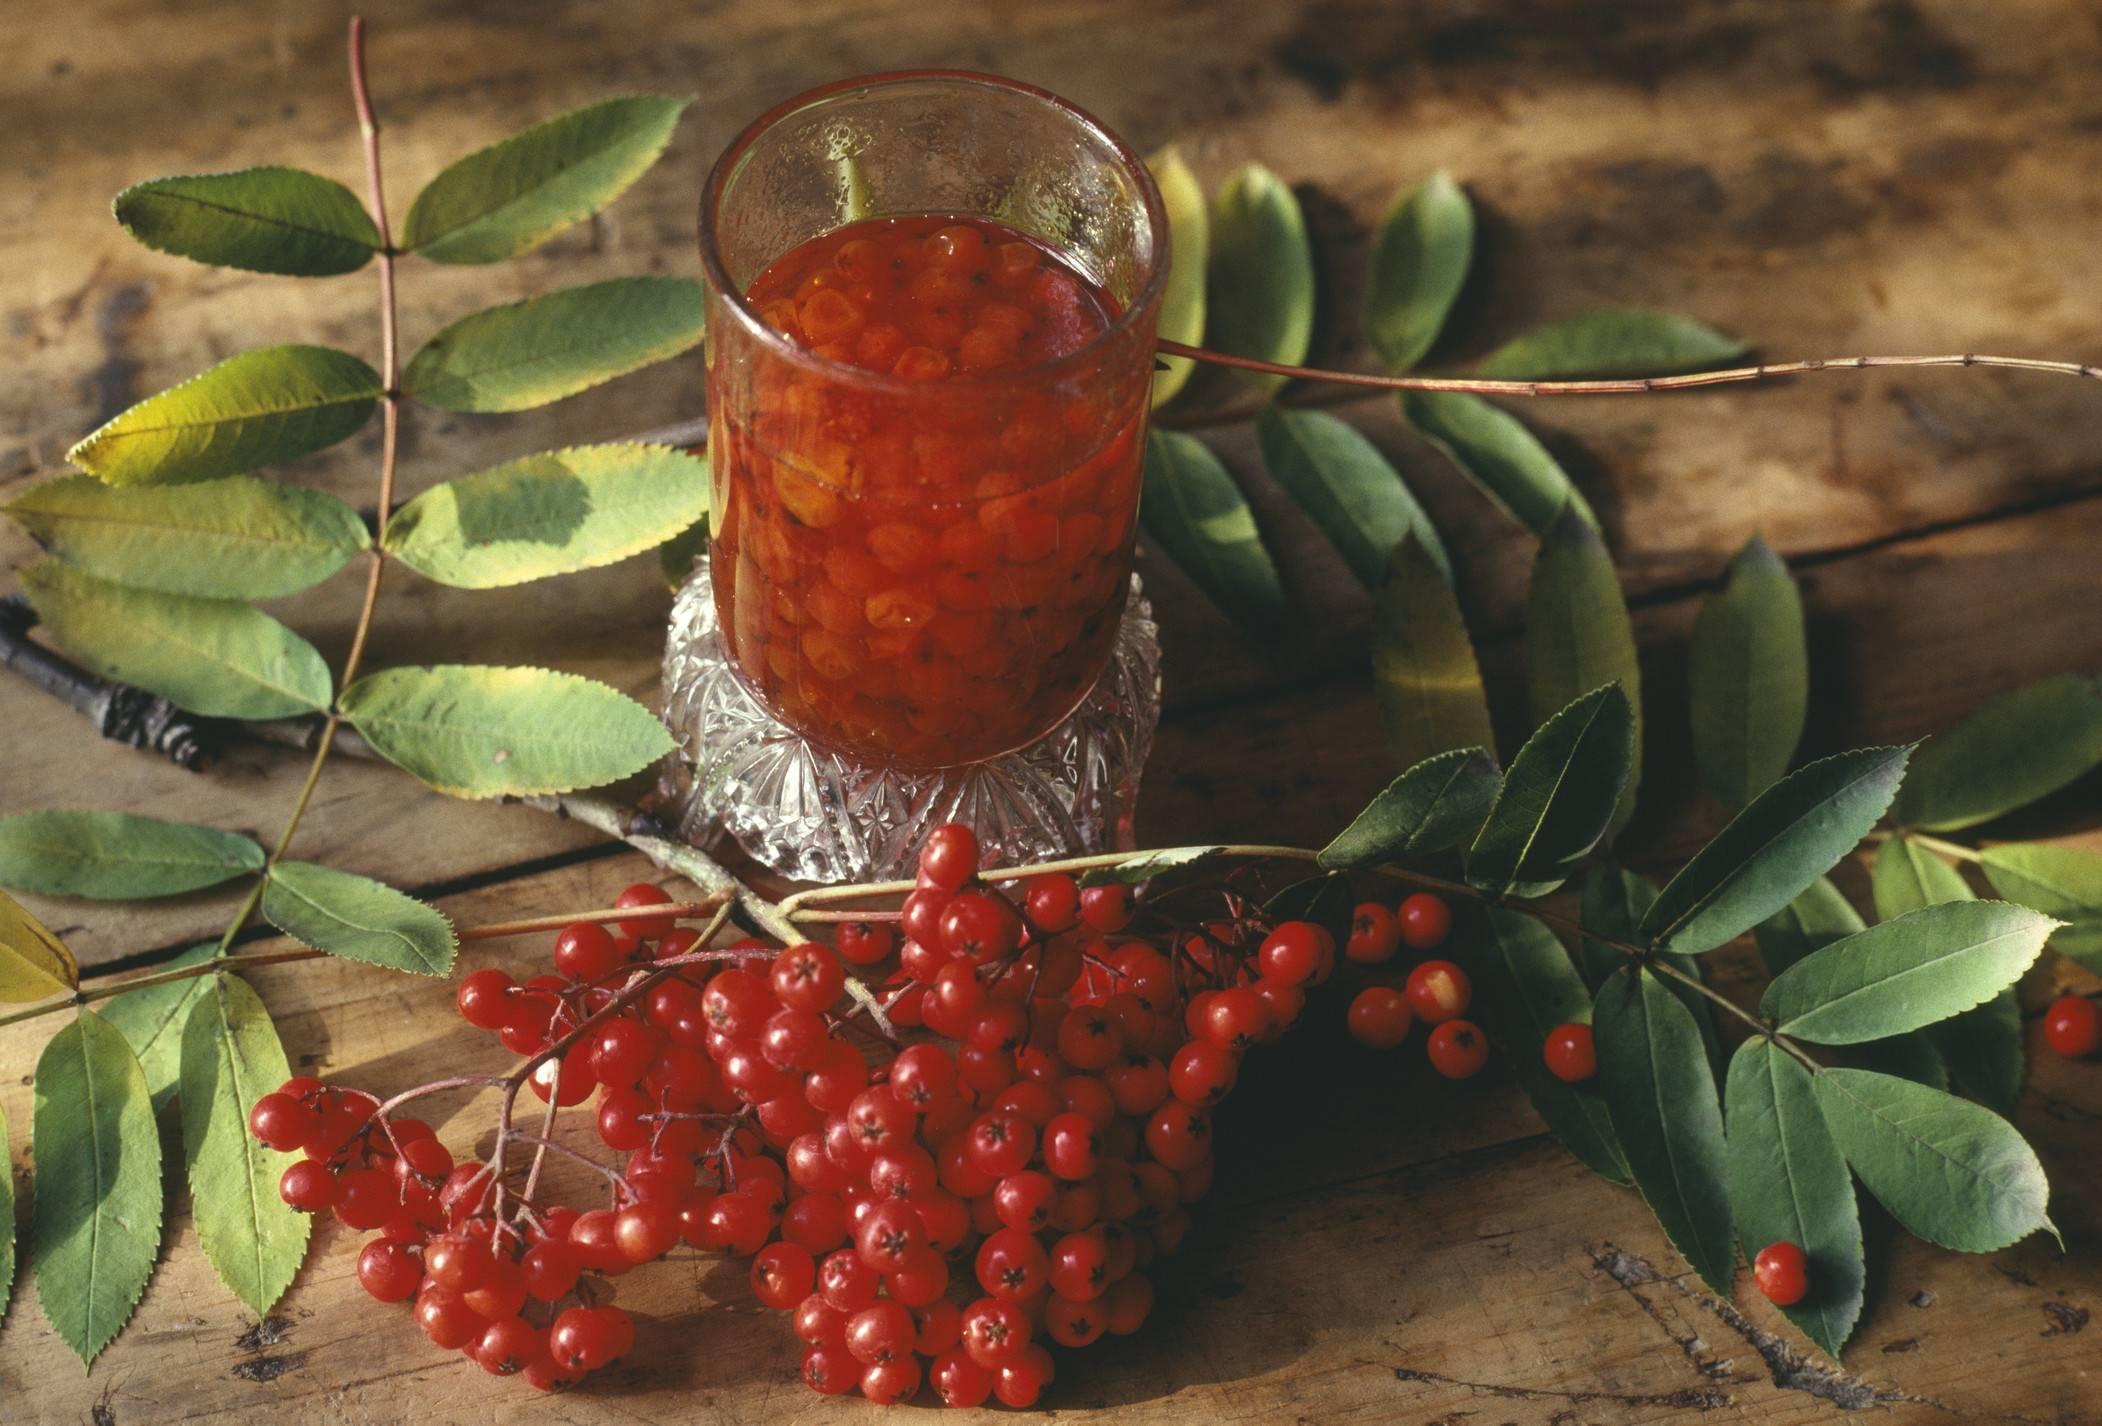 Настойка из красной рябины в домашних условиях на водке, самогоне, спирту, коньяке – рецепт. чем полезна красная рябина? свойства, польза красной рябины